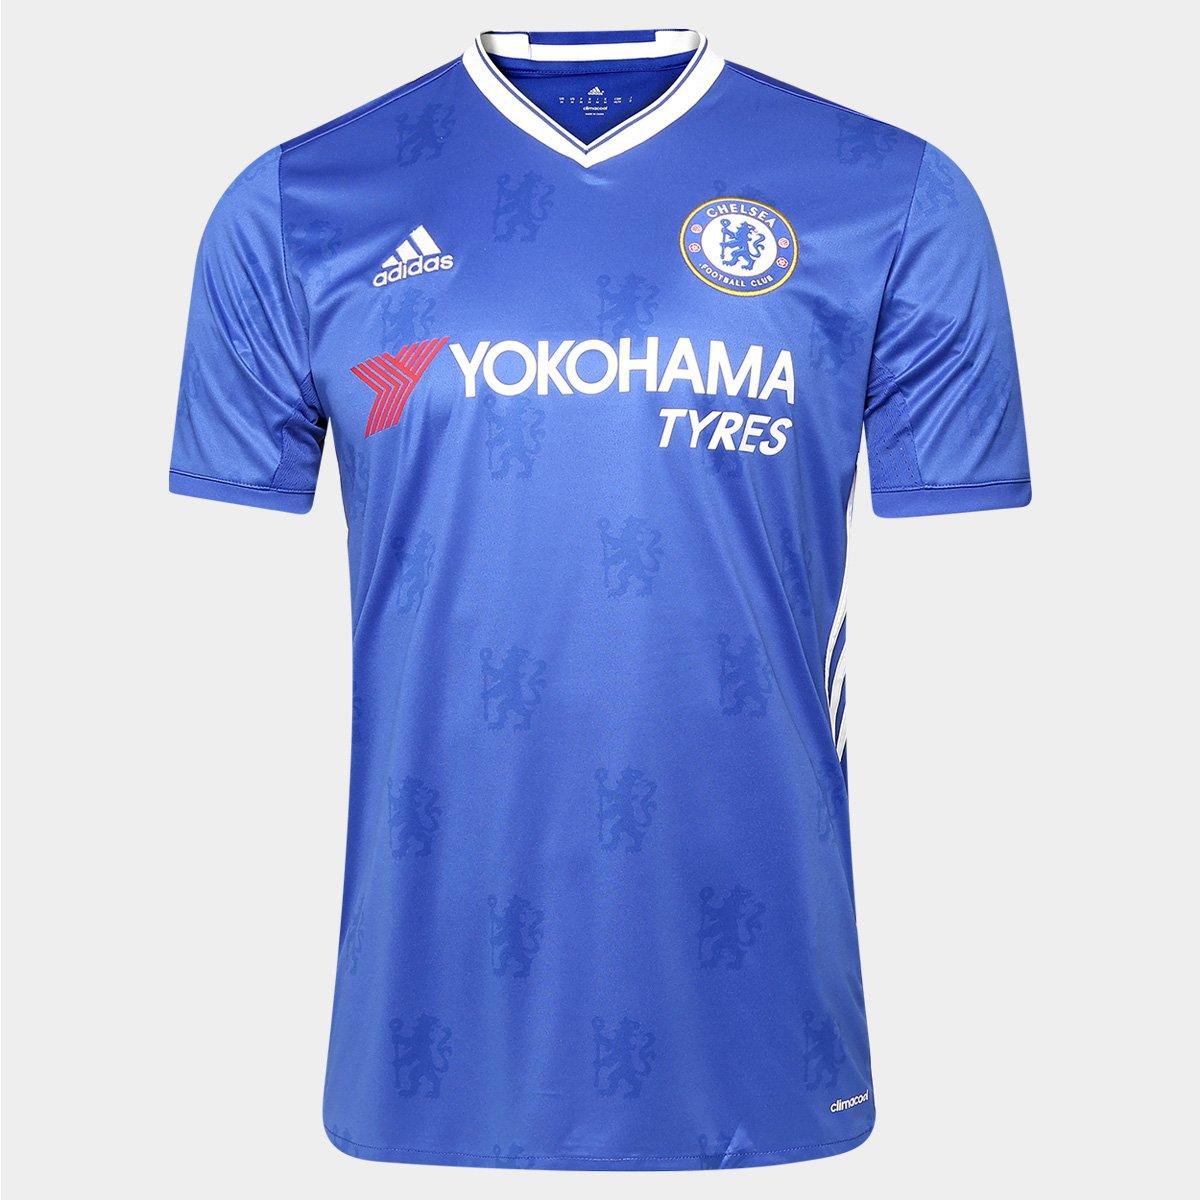 Camisa Chelsea Home 16 17 s nº - Torcedor Adidas Masculina 534dbd9da1831